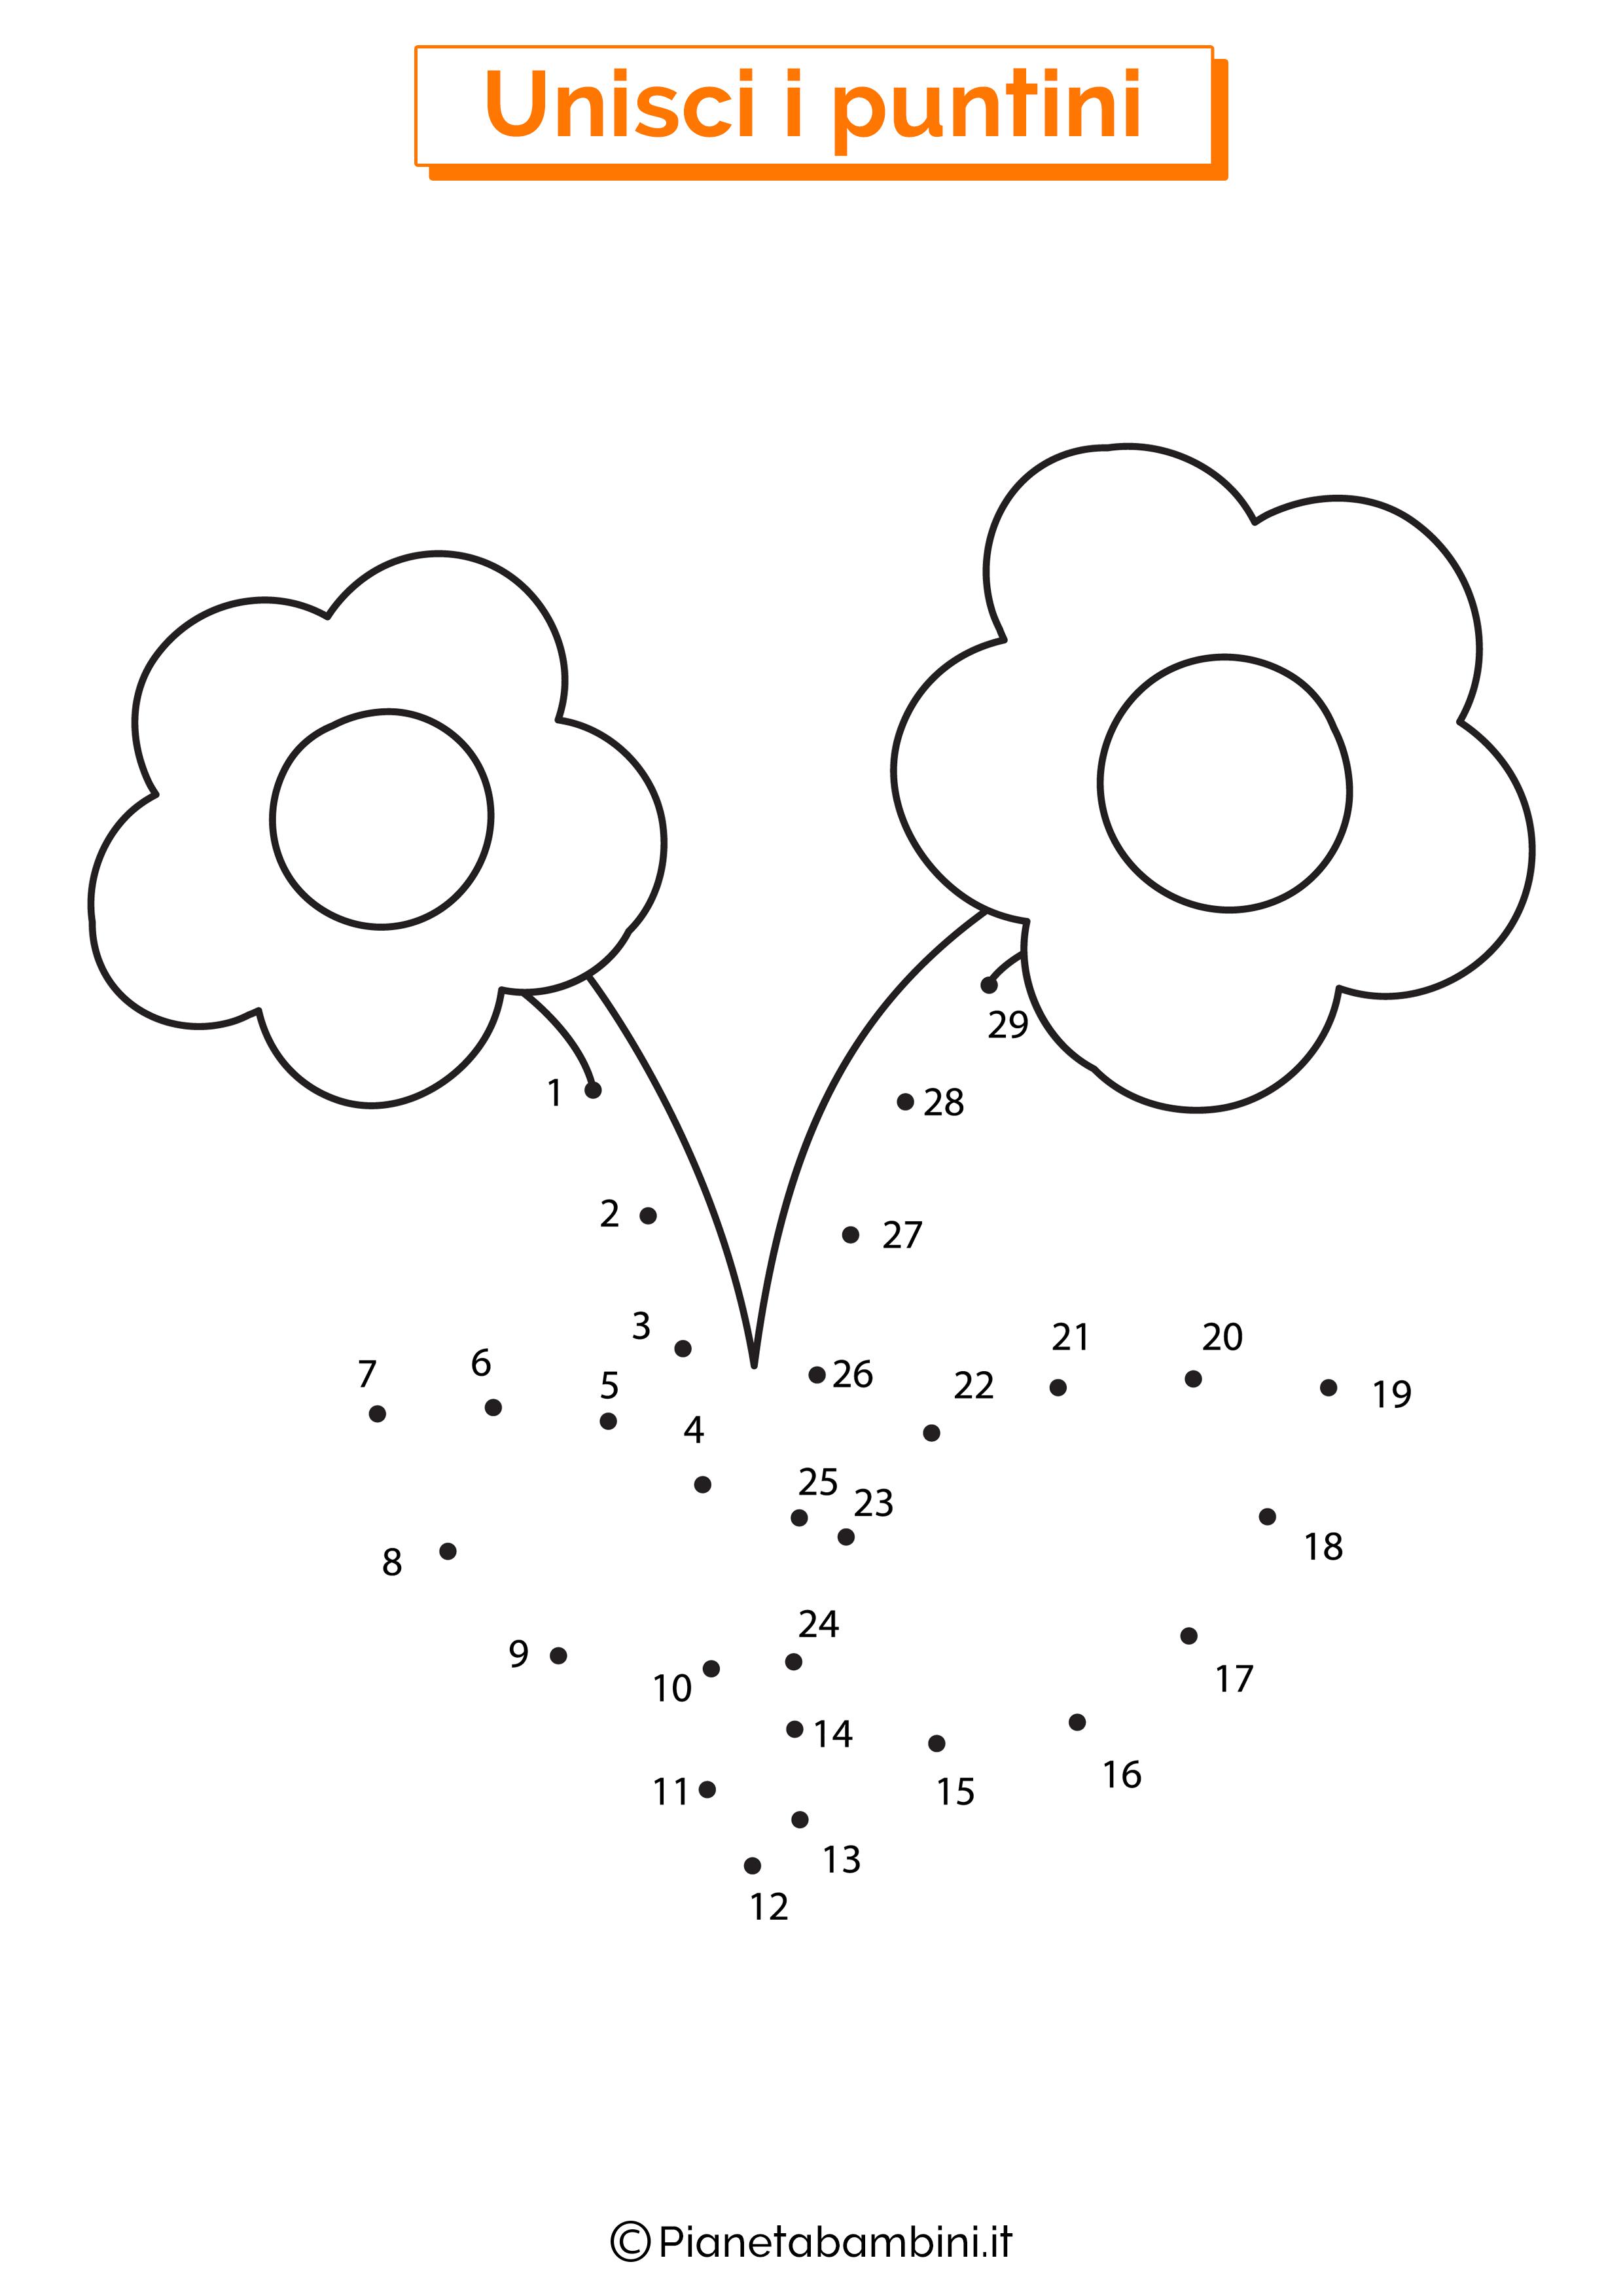 Disegno unisci i puntini fiori